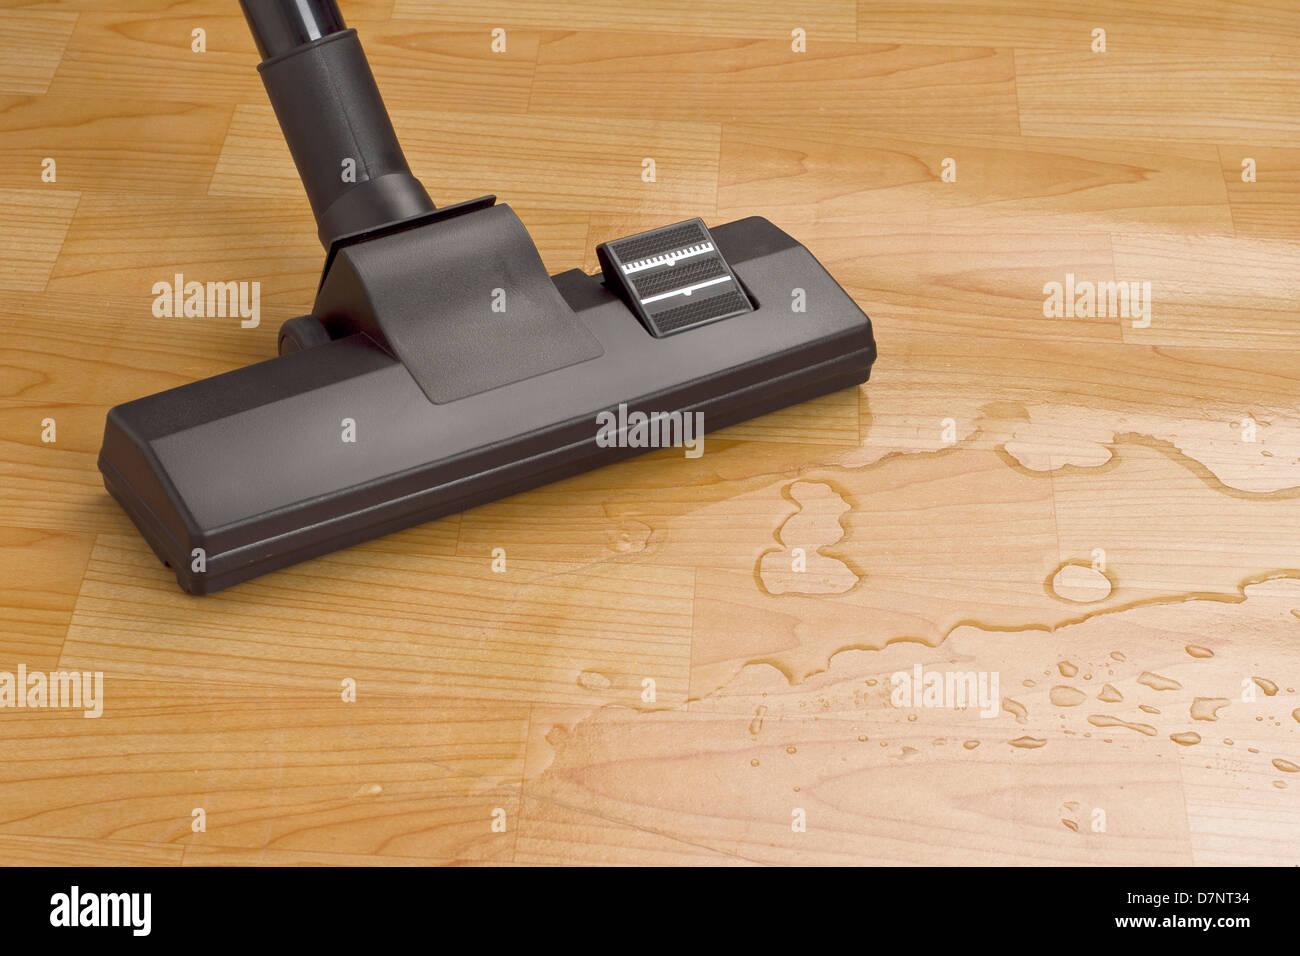 Fußboden Reinigen ~ Staubsauger bürste reinigen wasser auf dem fußboden stockfoto